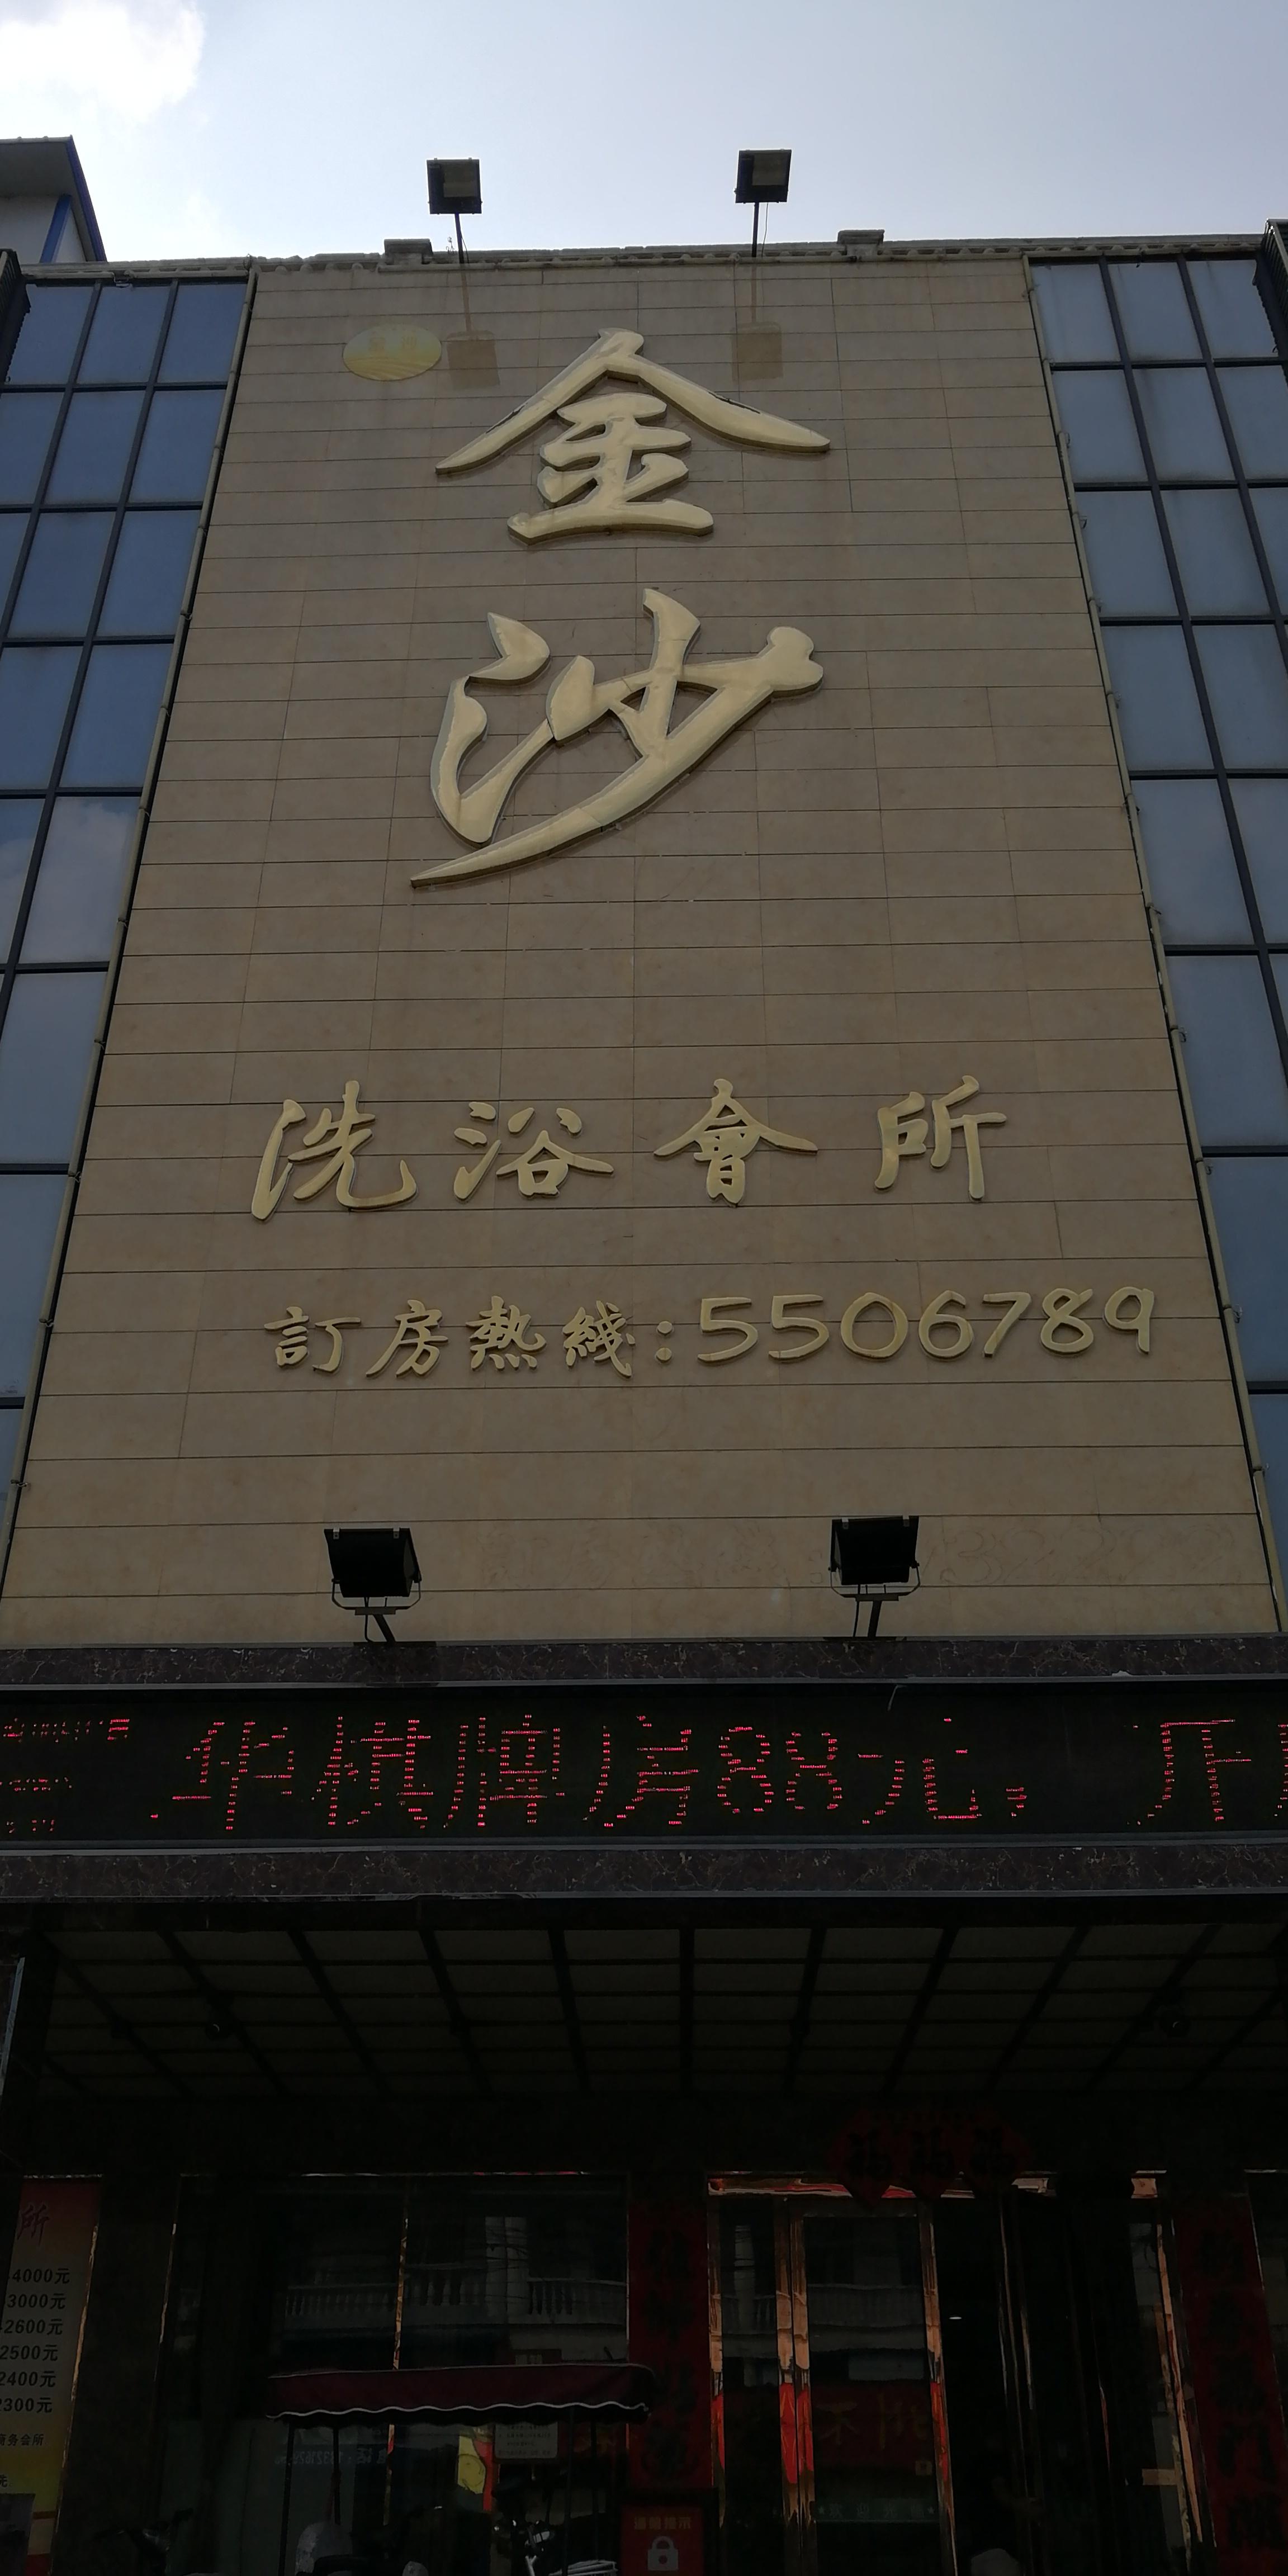 安徽亳州金沙洗浴会所